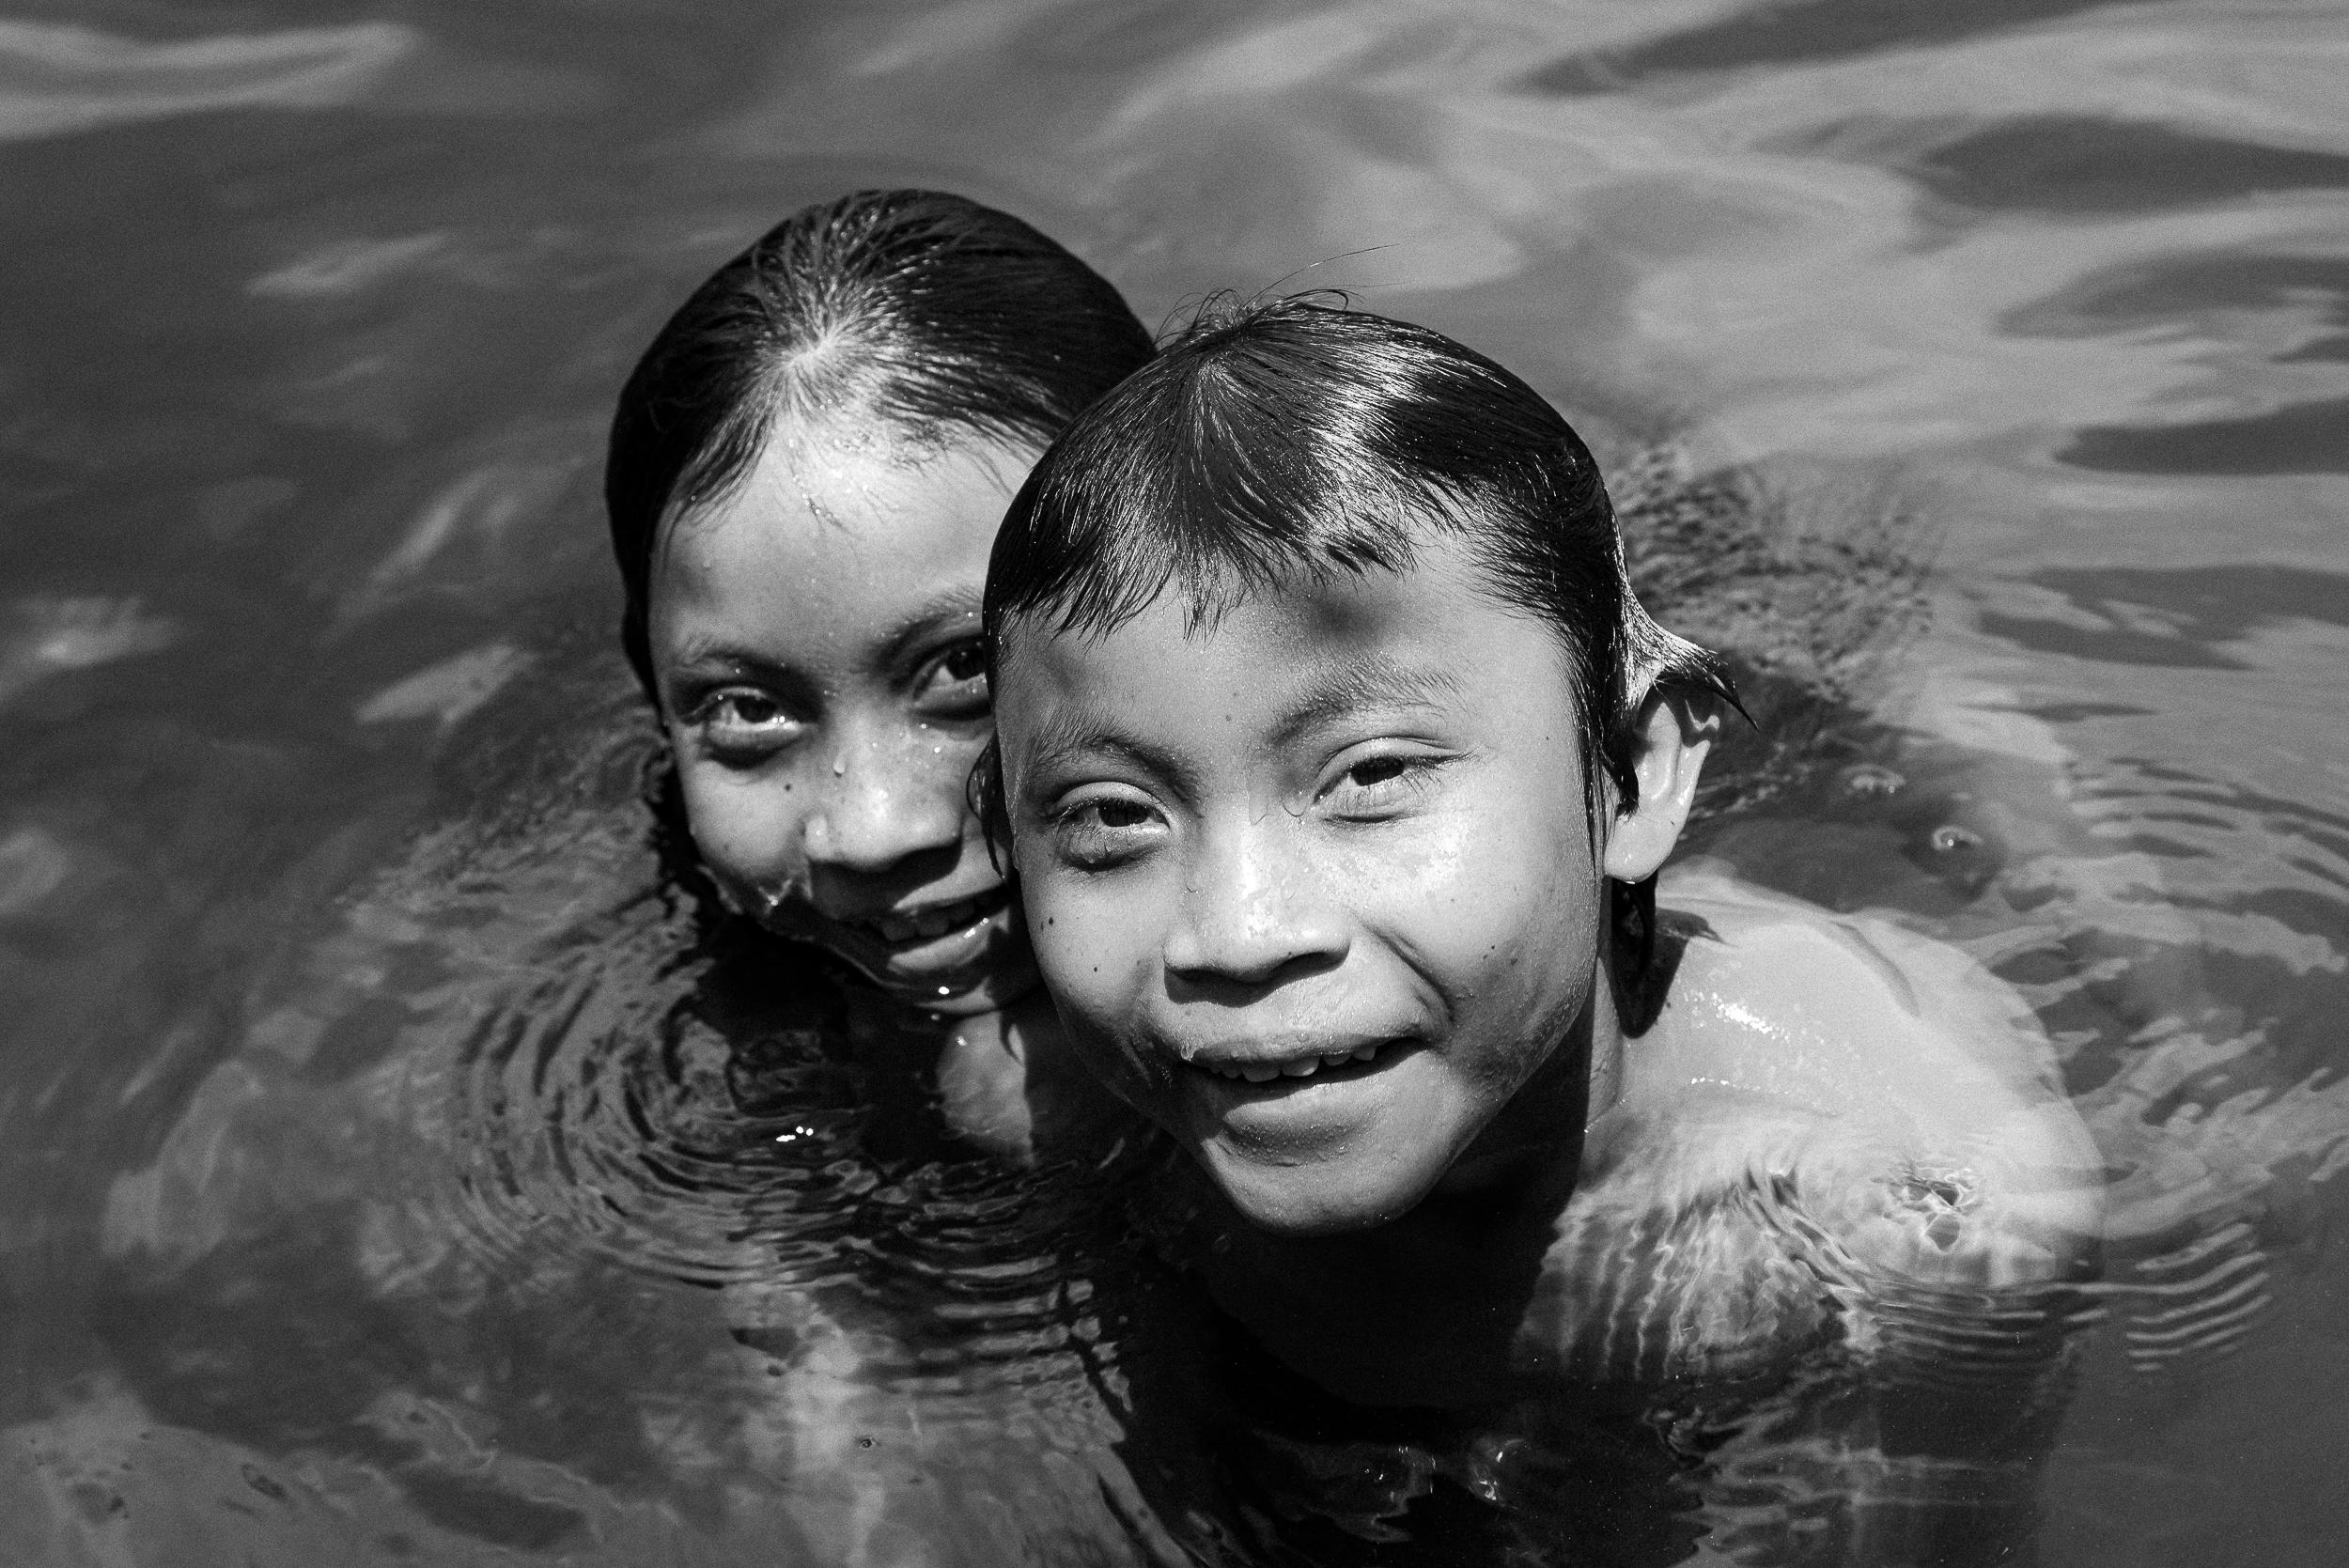 Crianças wapichana brincando no igarapé